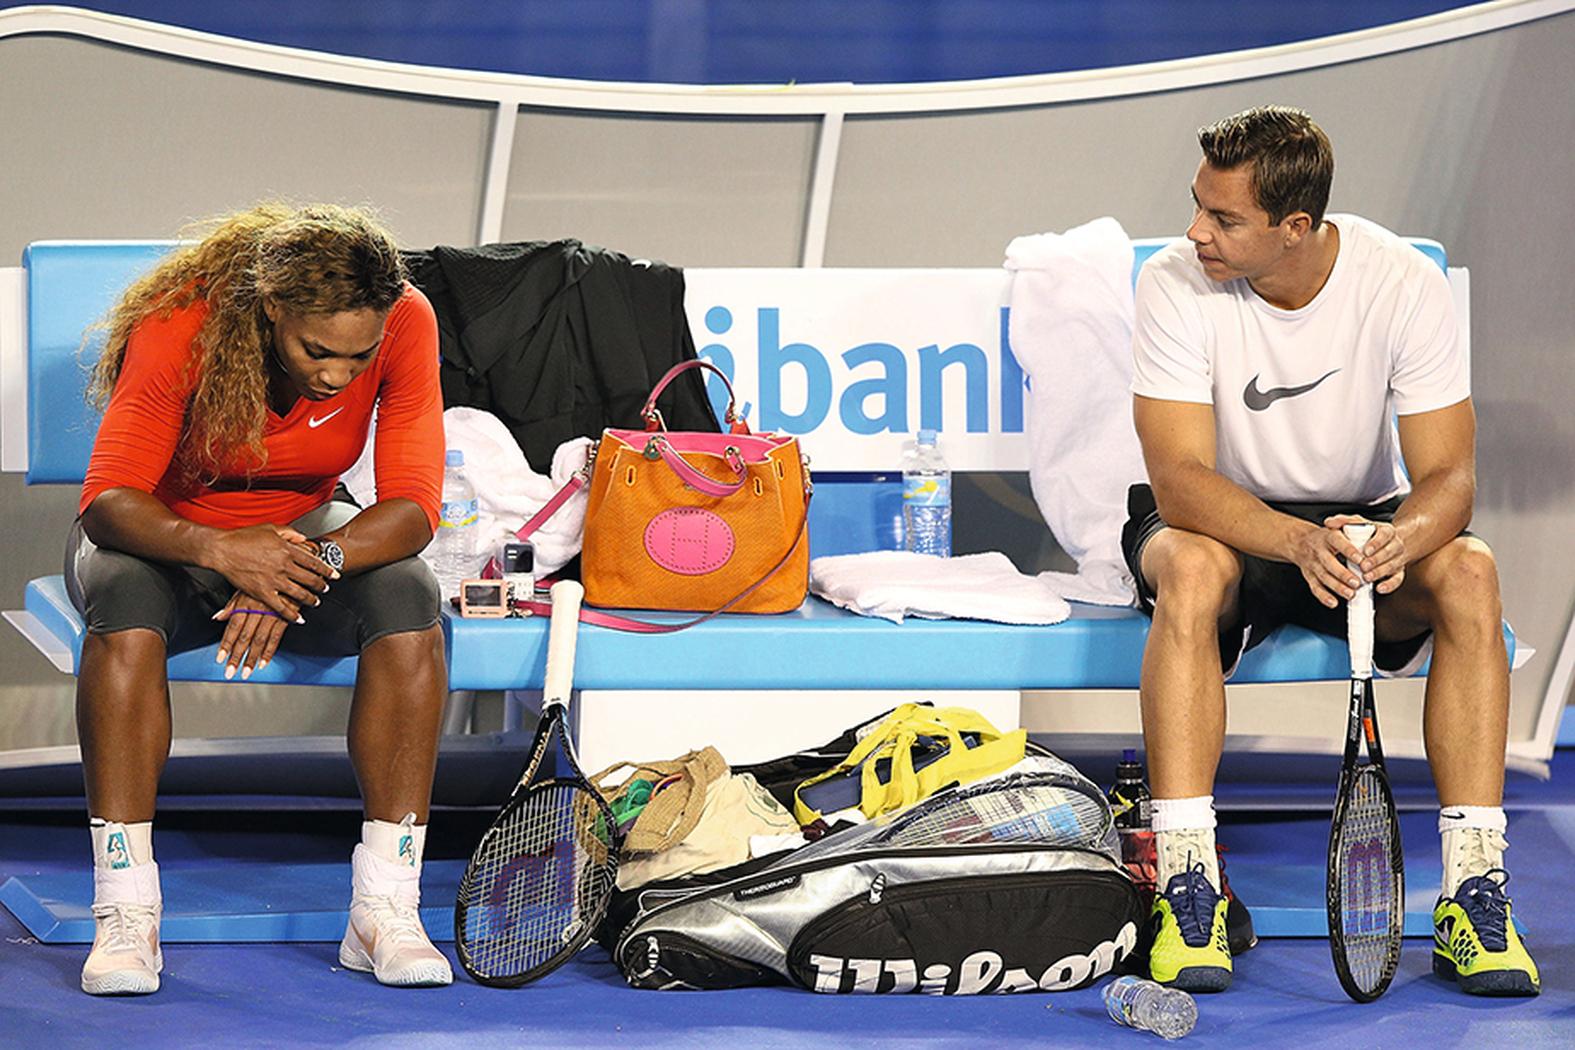 Mit Serena Williams wohnte Sascha Bajin zusammen. Sie nahm ihn mit in den Urlaub und auf Grammy-Verleihungen.